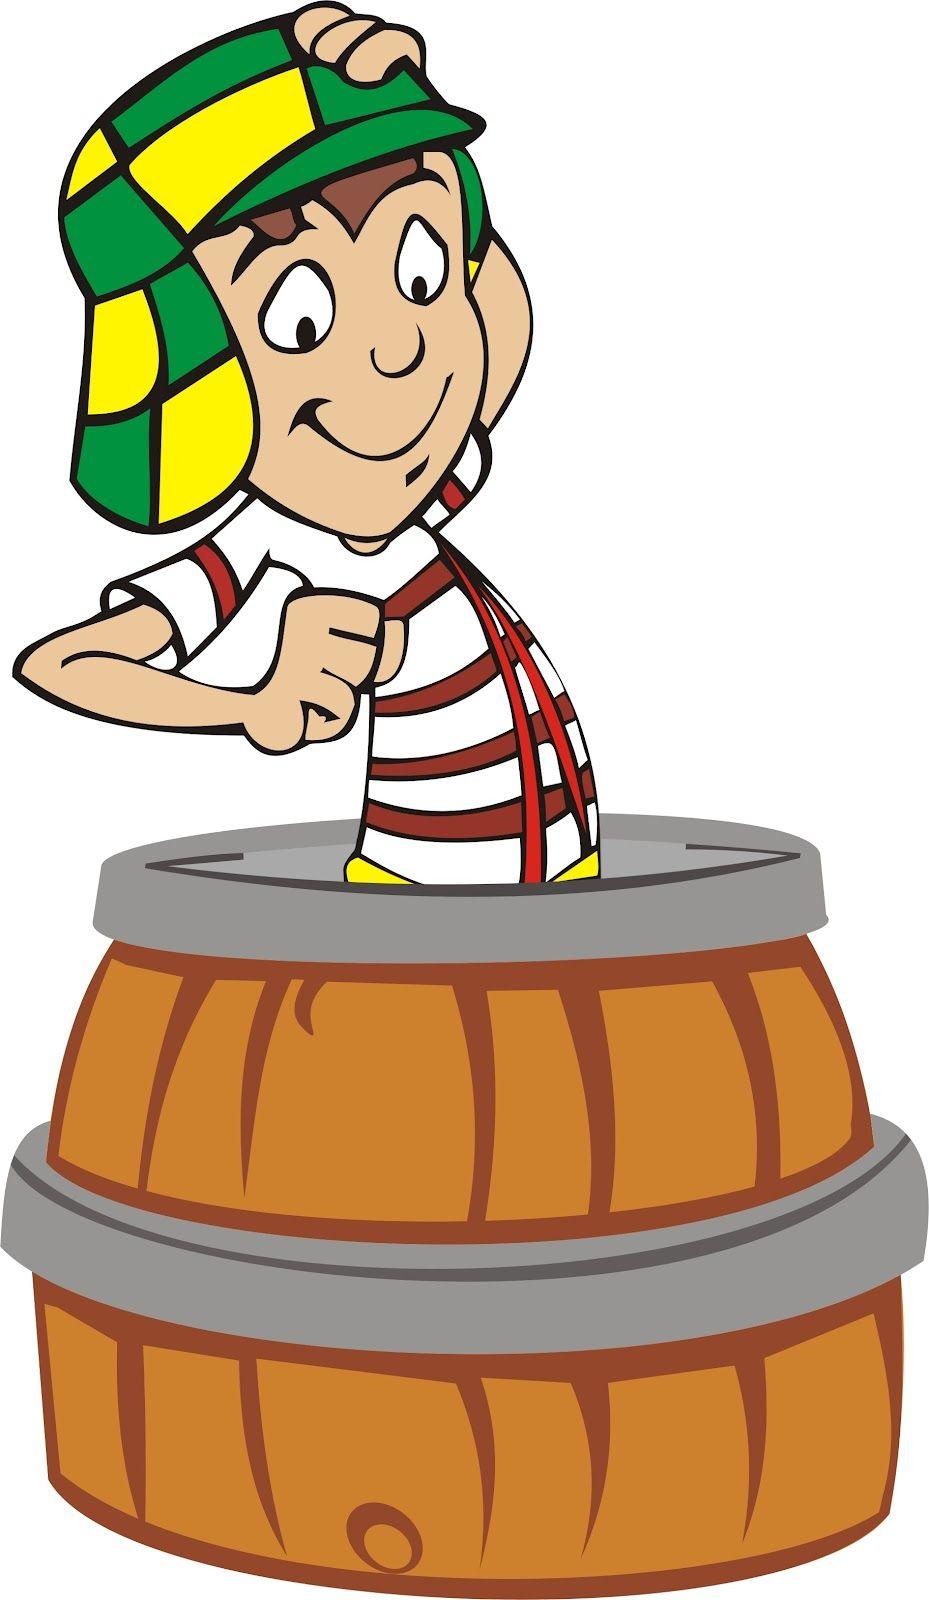 Ideas Y Material Gratis Para Fiestas Y Celebraciones Oh My Fiesta Imagenes Y Fondos Del Chavo Del 8 Personajes De El Chavo Chavo Del 8 Animado Manualidades